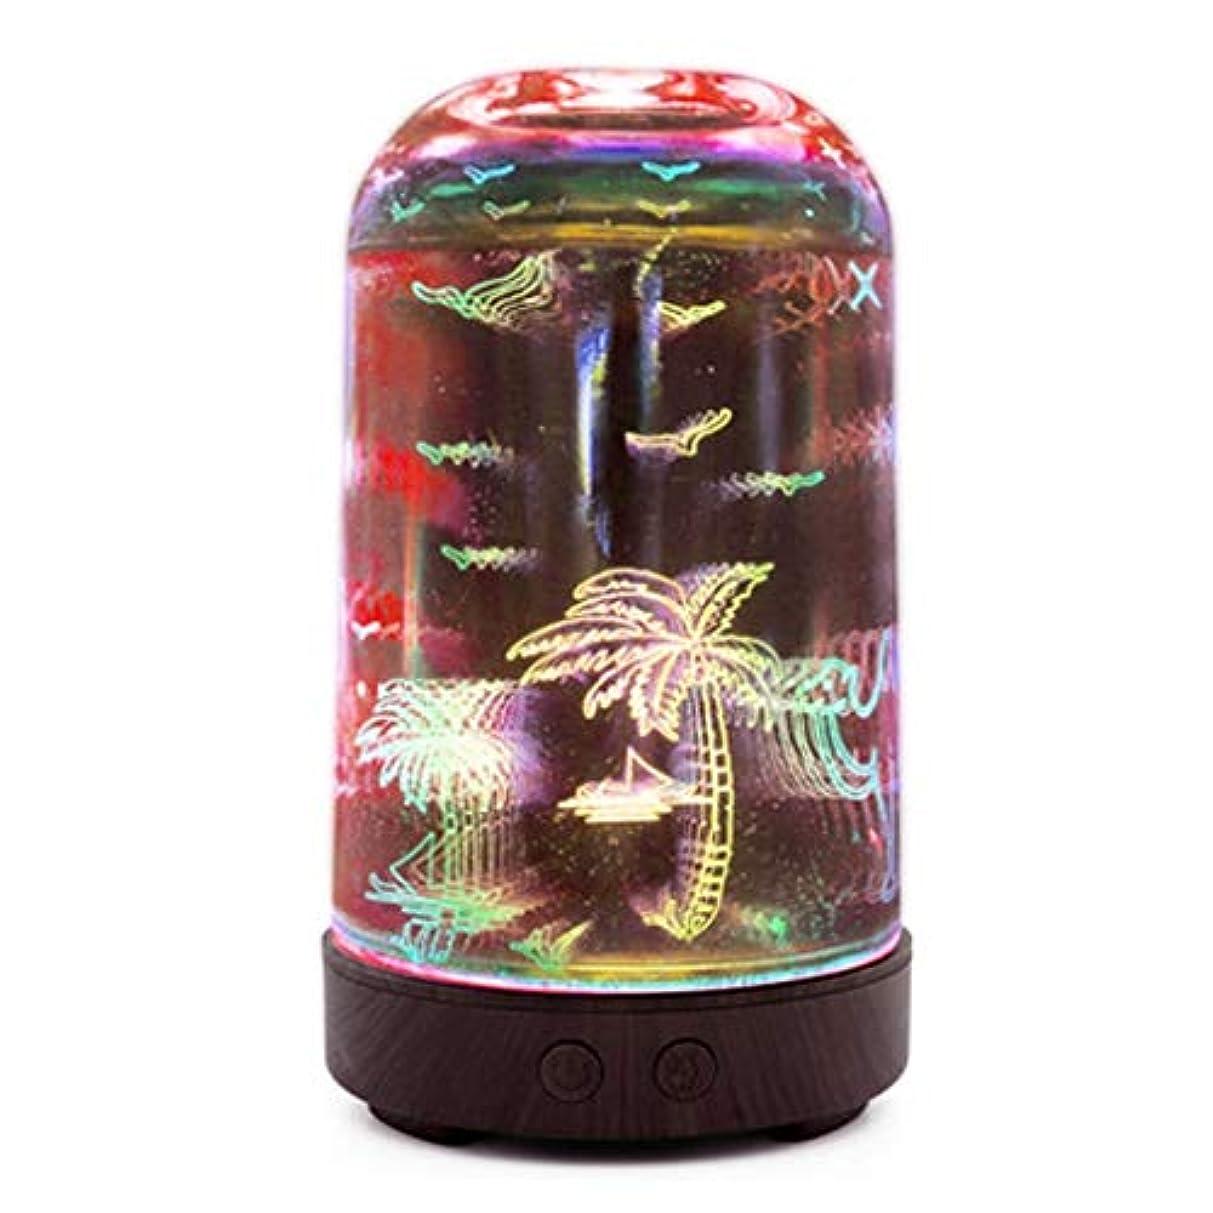 スカリー透過性マオリすばらしいLEDライト、便利な自動操業停止および大きい水漕が付いている3Dガラス100mlギャラクシー優れた超音波加湿器 (Color : Coconut tree)